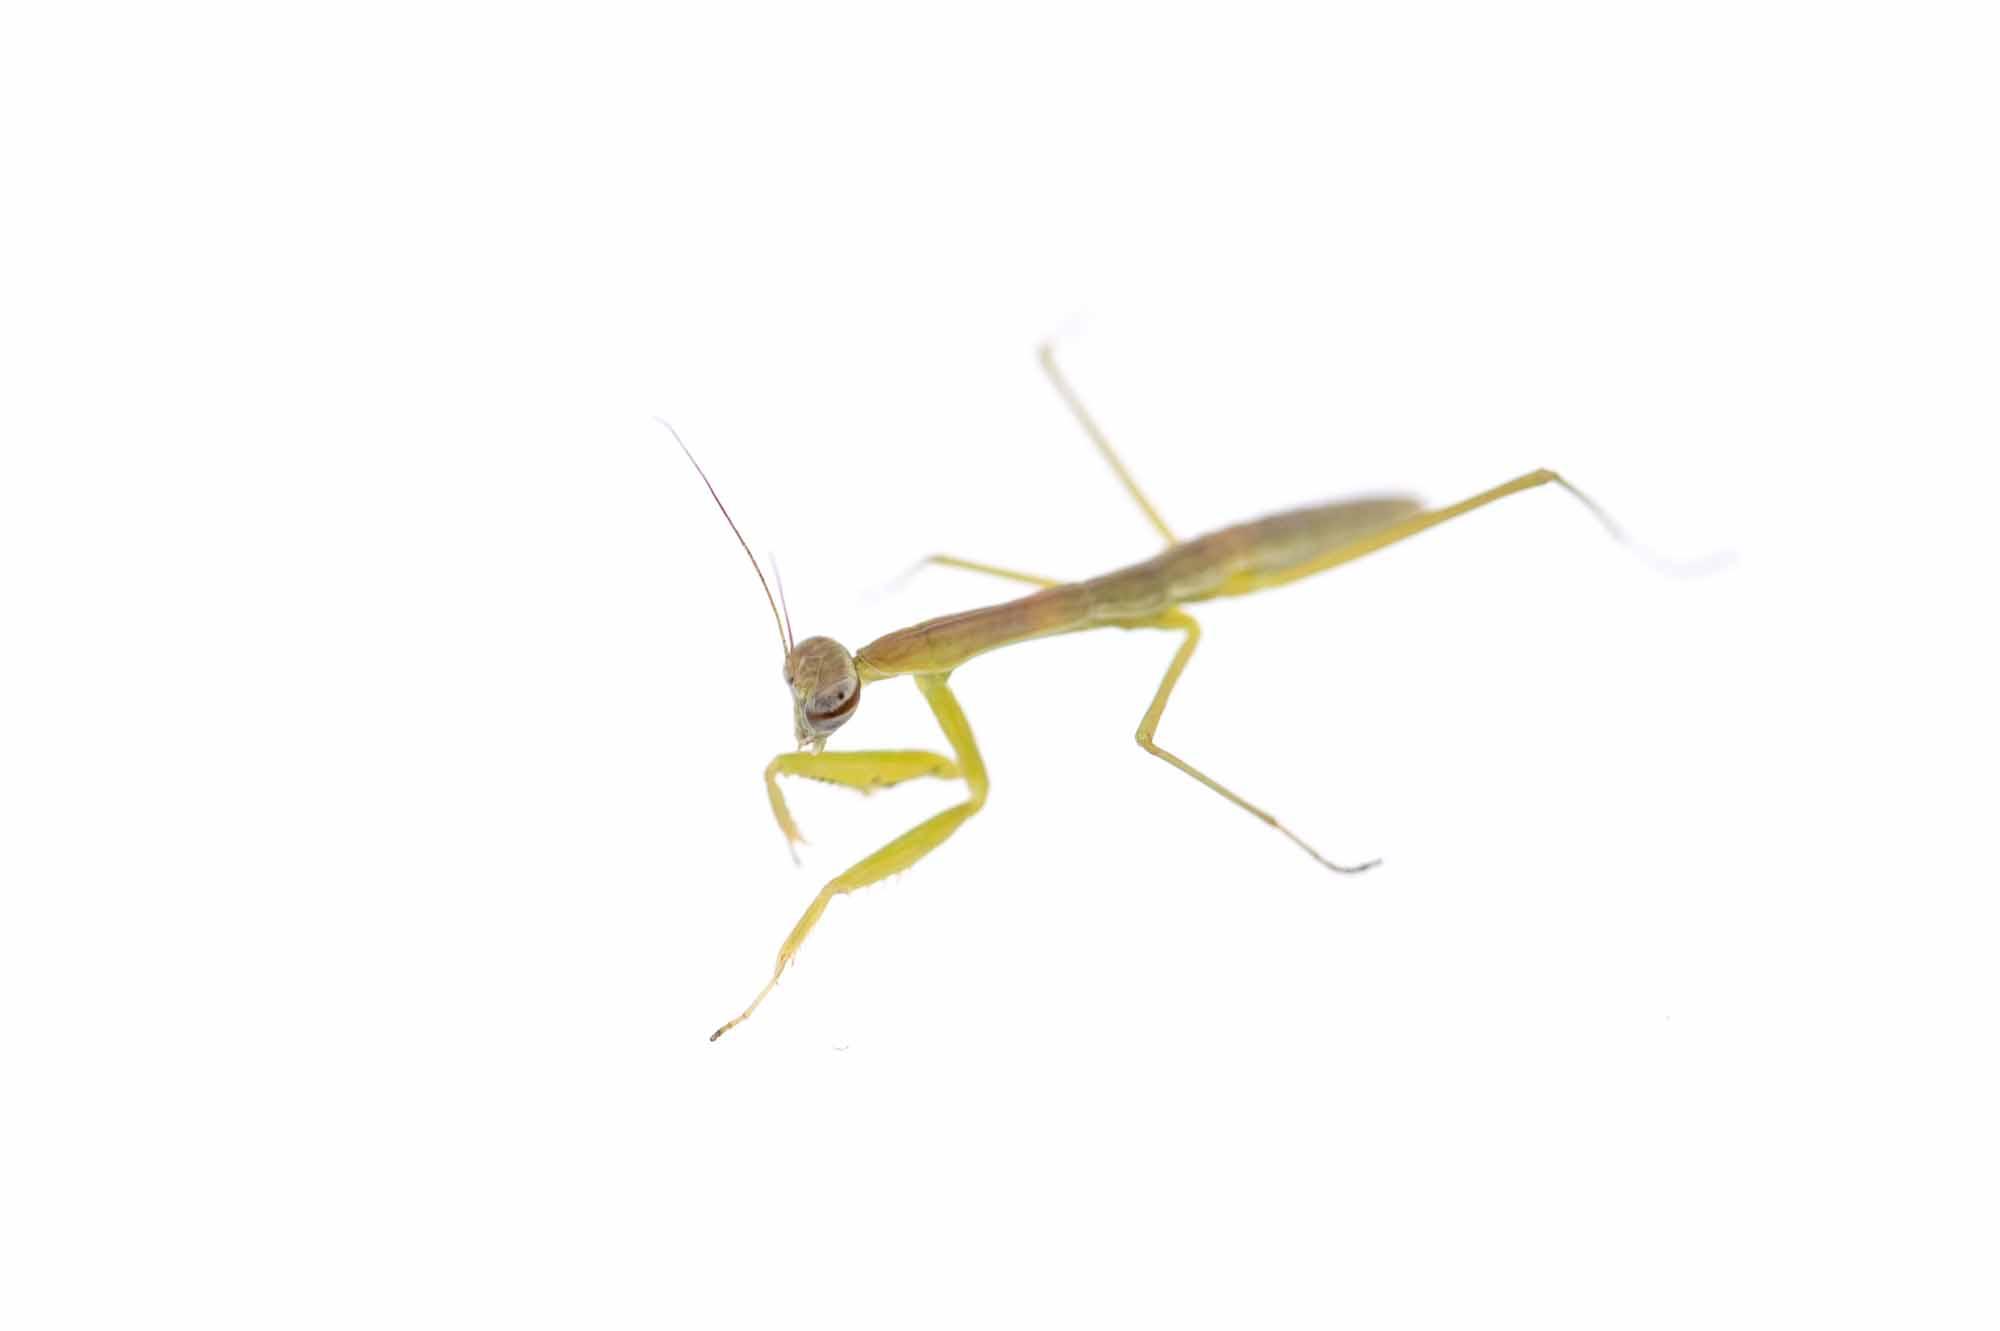 オオカマキリの幼虫の写真